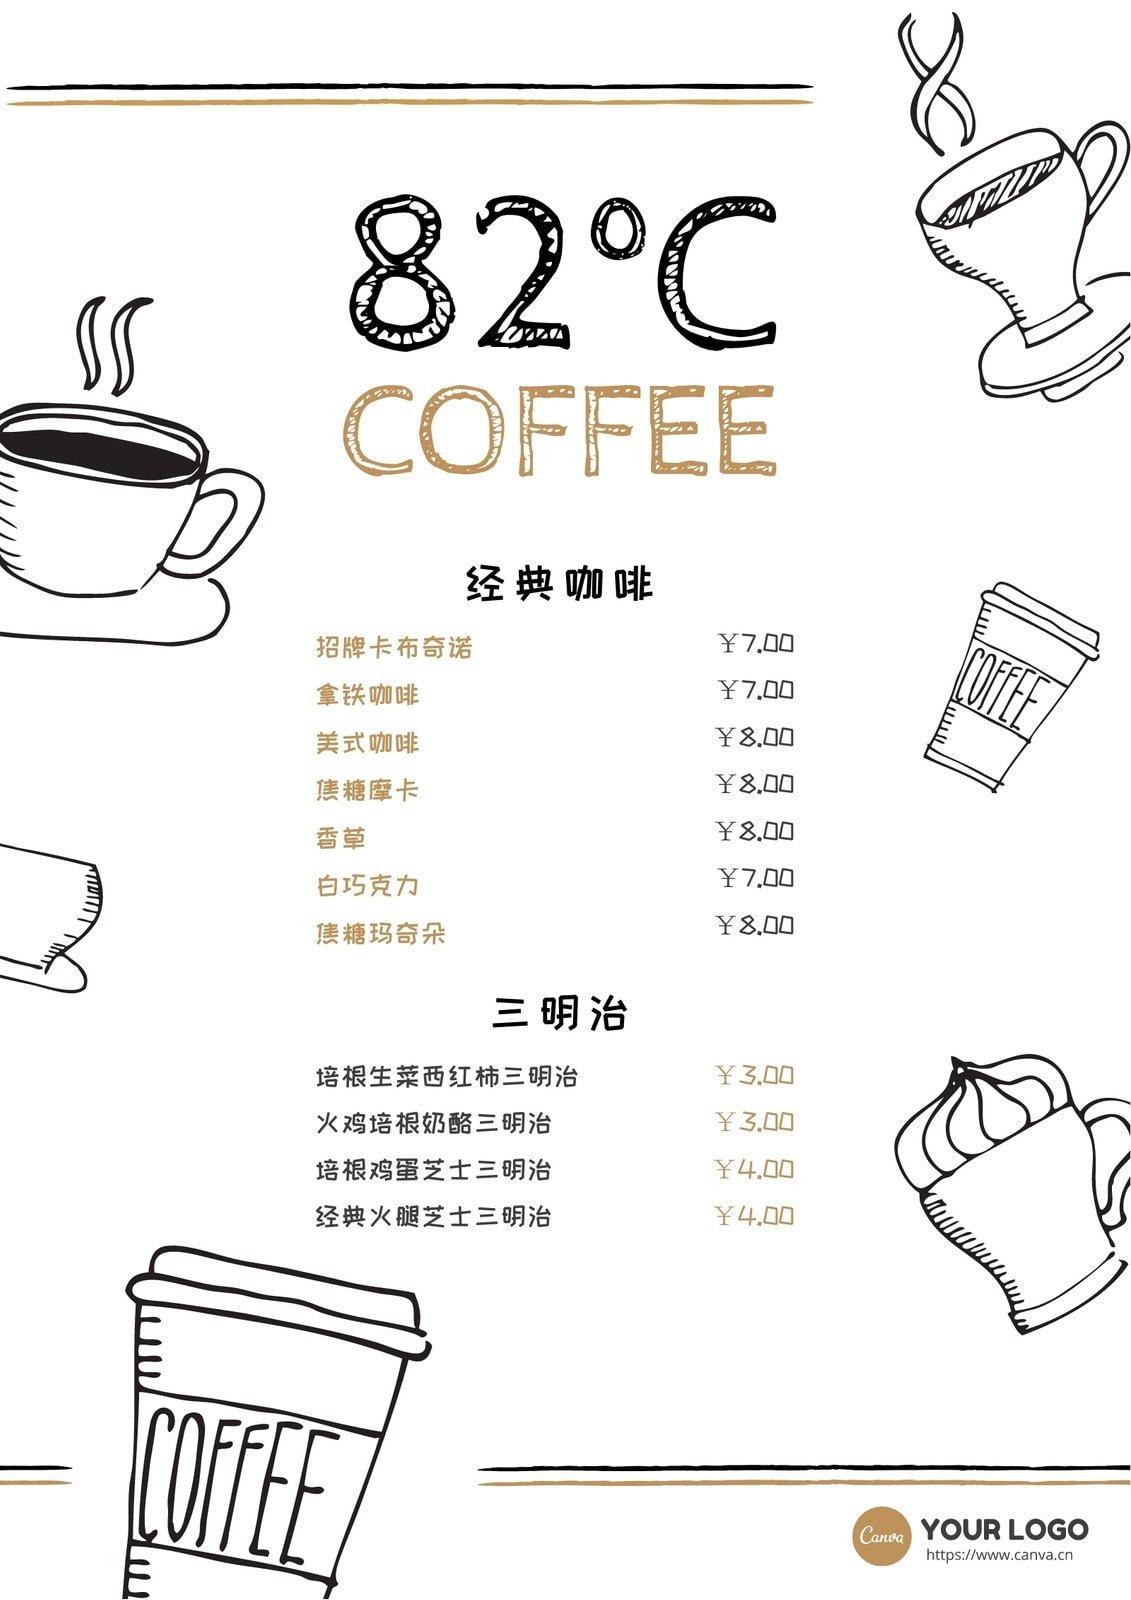 黑白手绘咖啡馆菜单